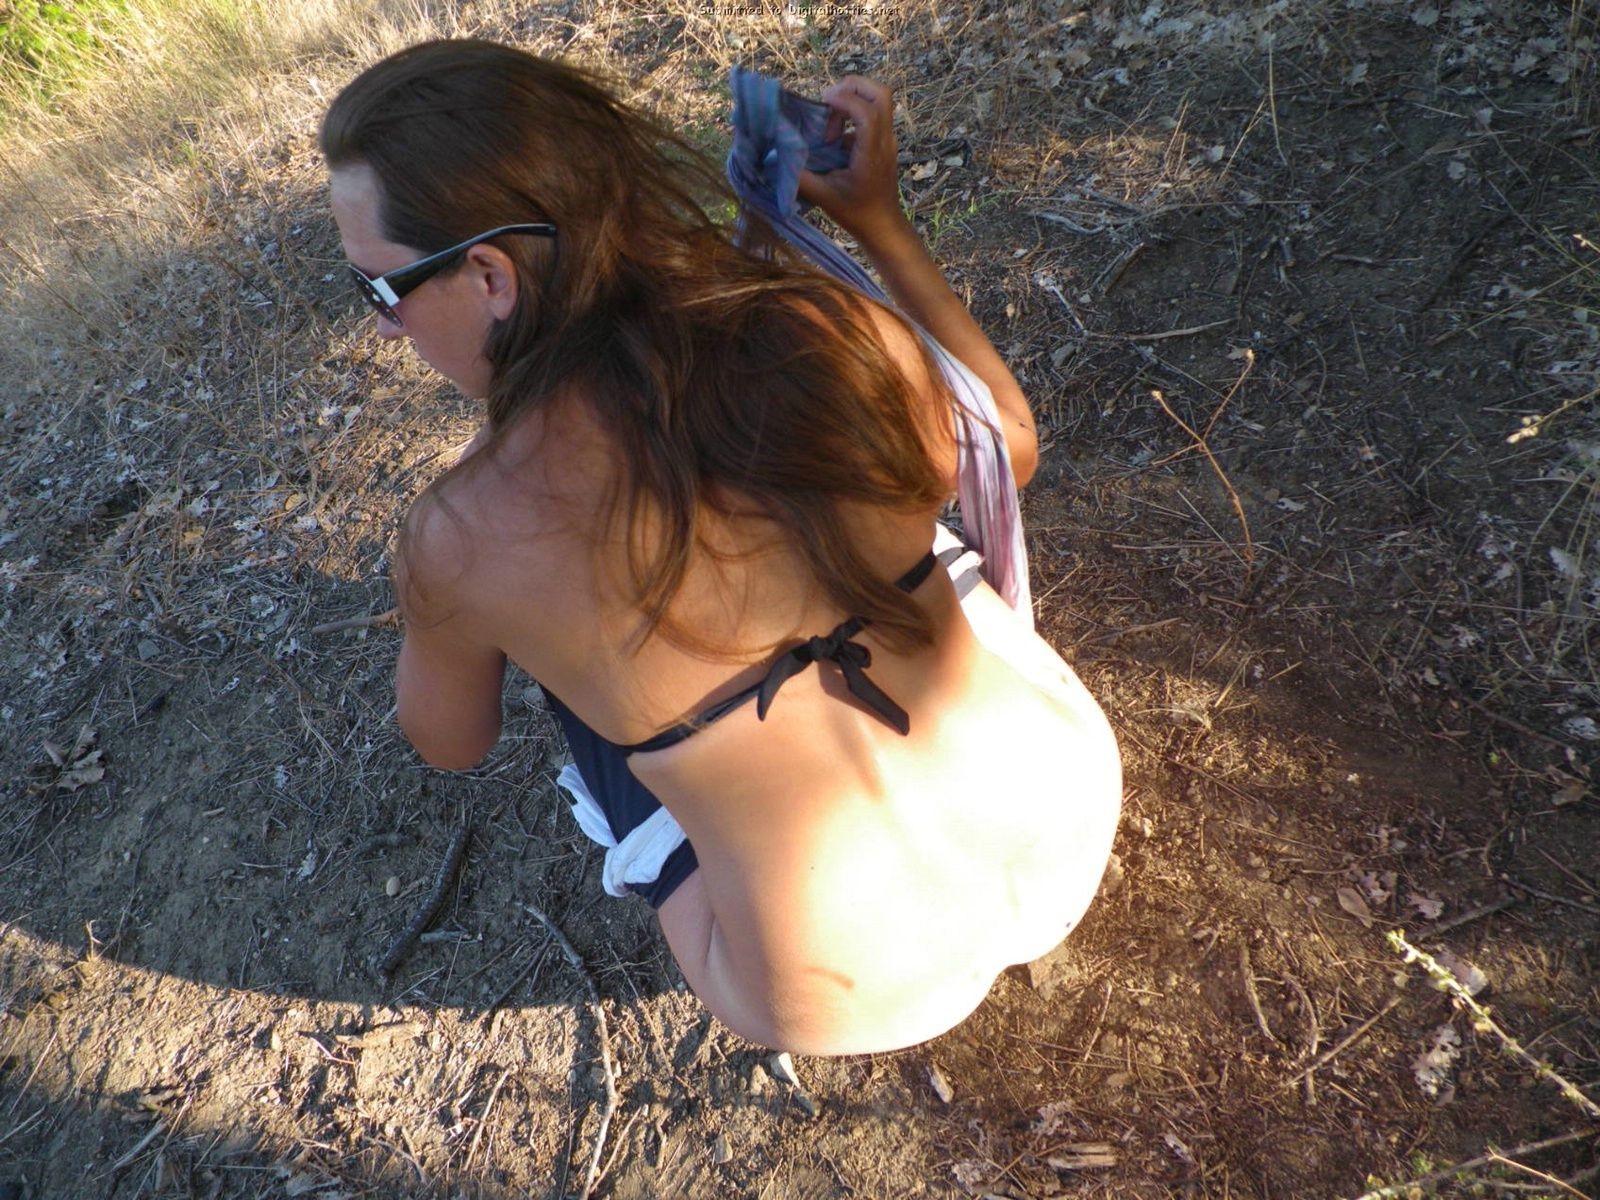 Женщина, несмотря на свое неидеальное тело, показывает себя перед камерой, засветив волосатой пиздой